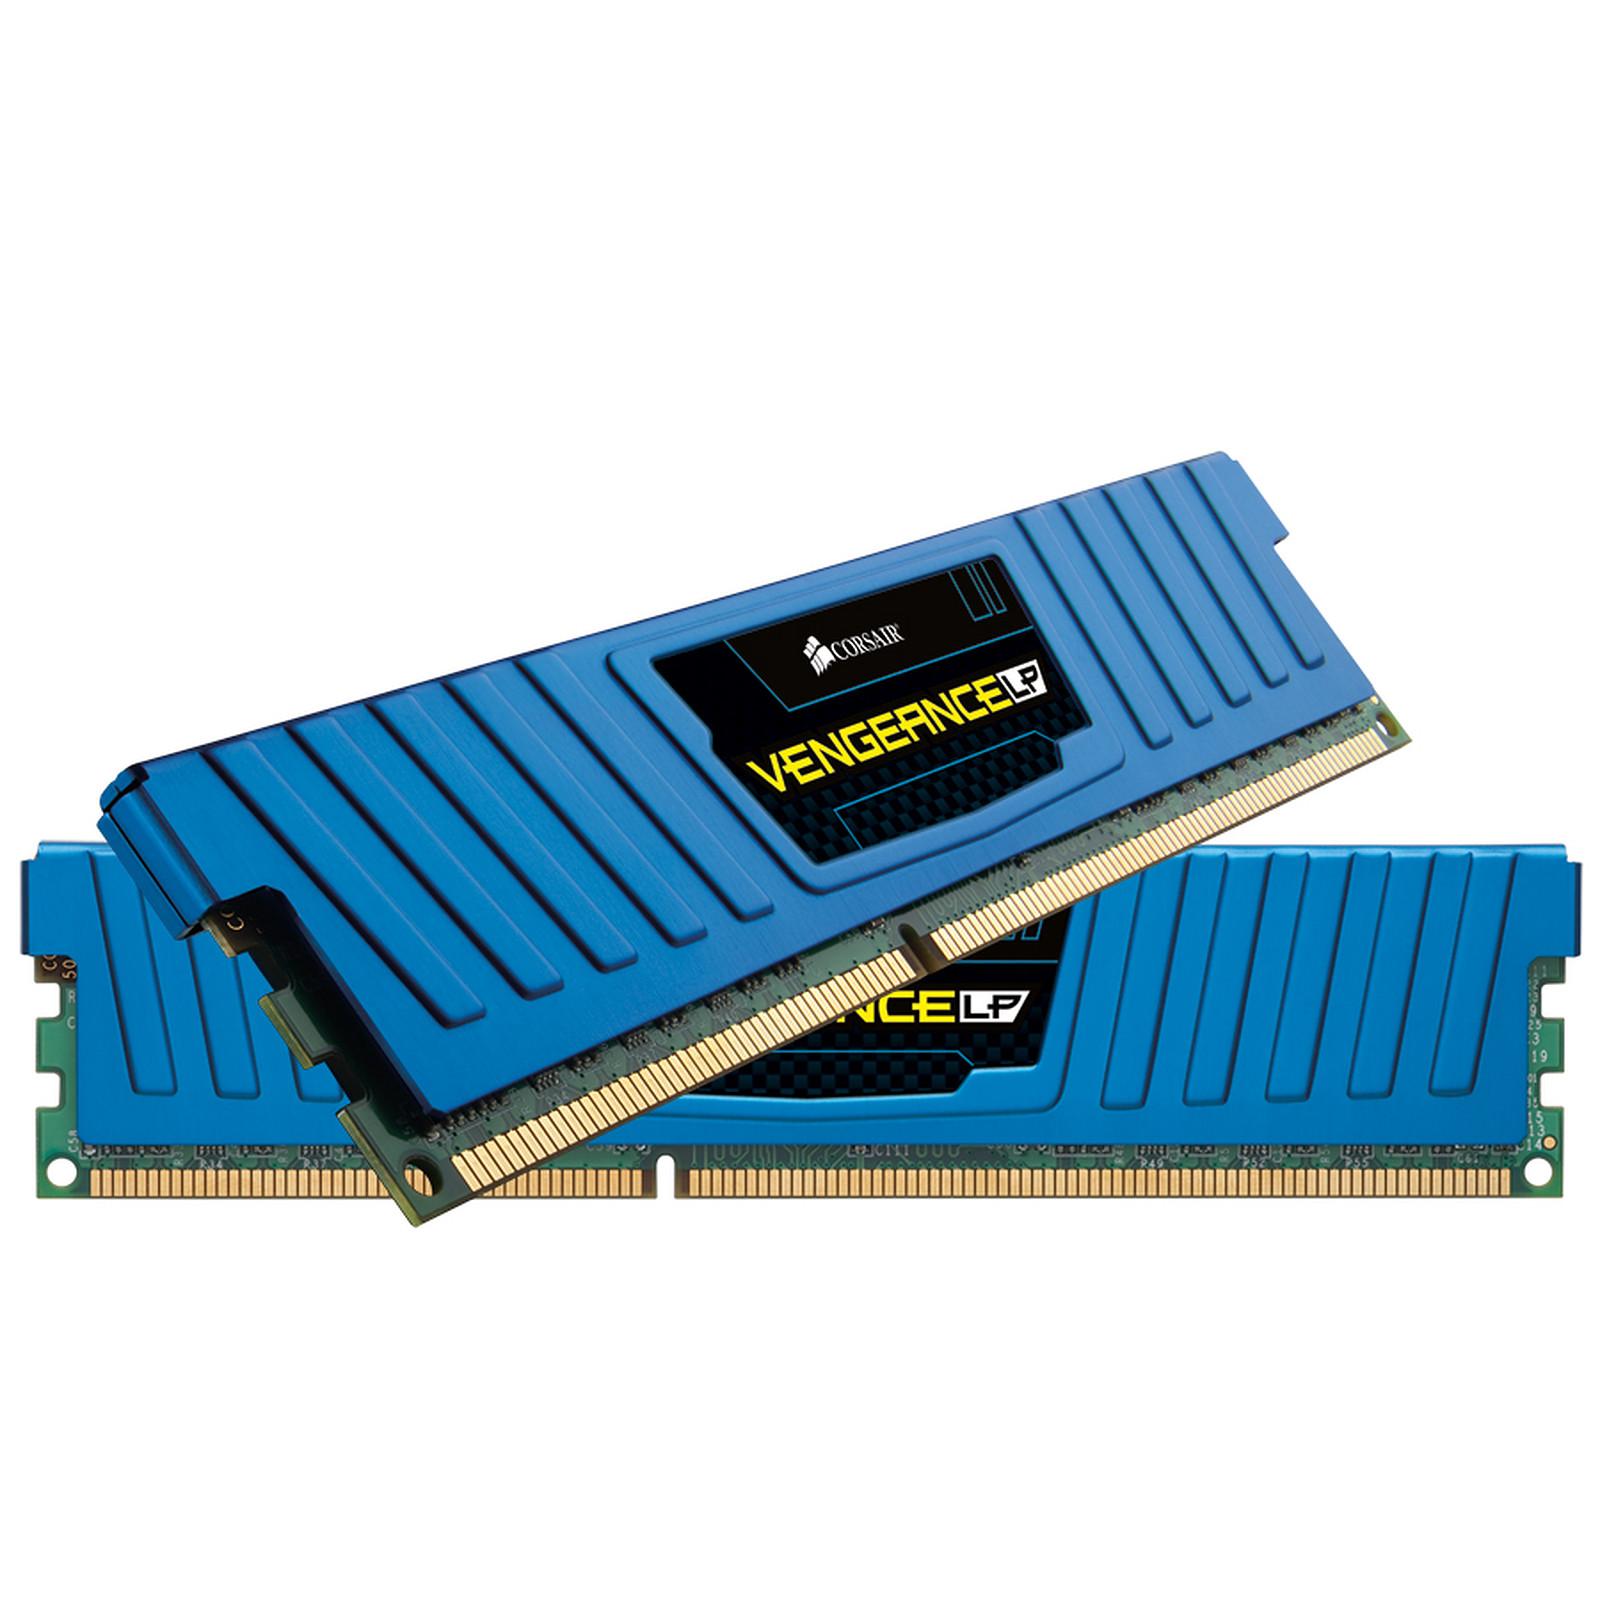 Corsair Vengeance Low Profile Series 16 Go (2x 8 Go) DDR3 1600 MHz CL10 Bleu